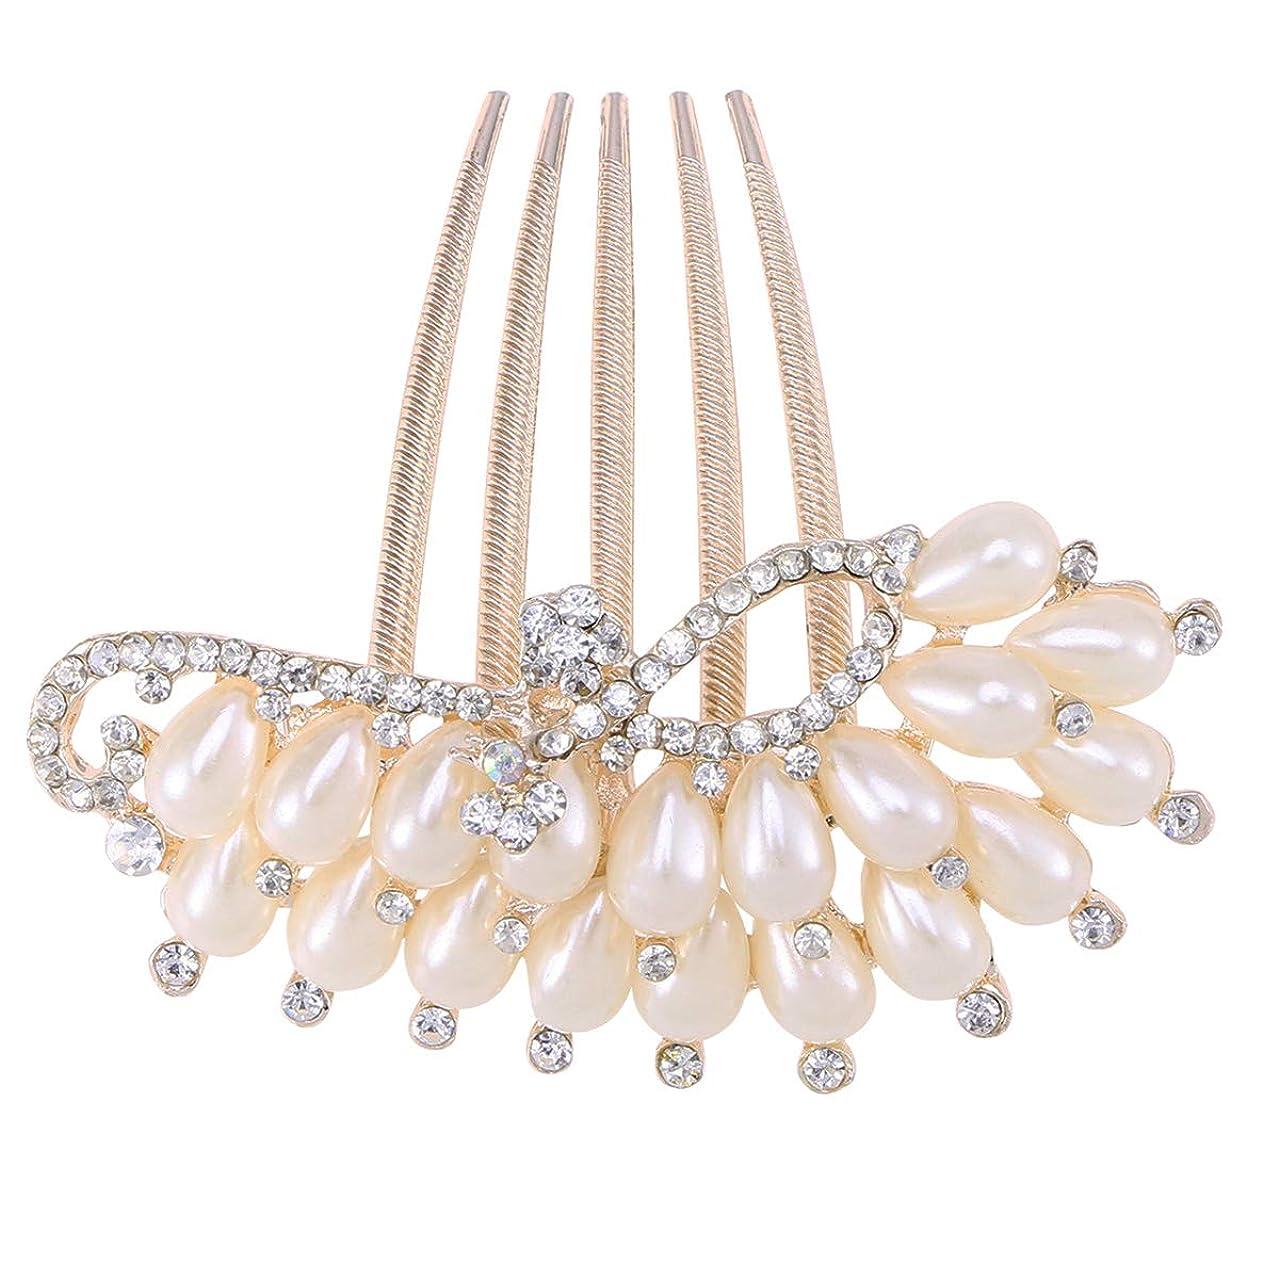 毎回不注意欲しいですBeaupretty 結婚式の装飾的な髪の櫛の合金クリスタルヘアの櫛の結婚式の頭飾りUpdoの櫛